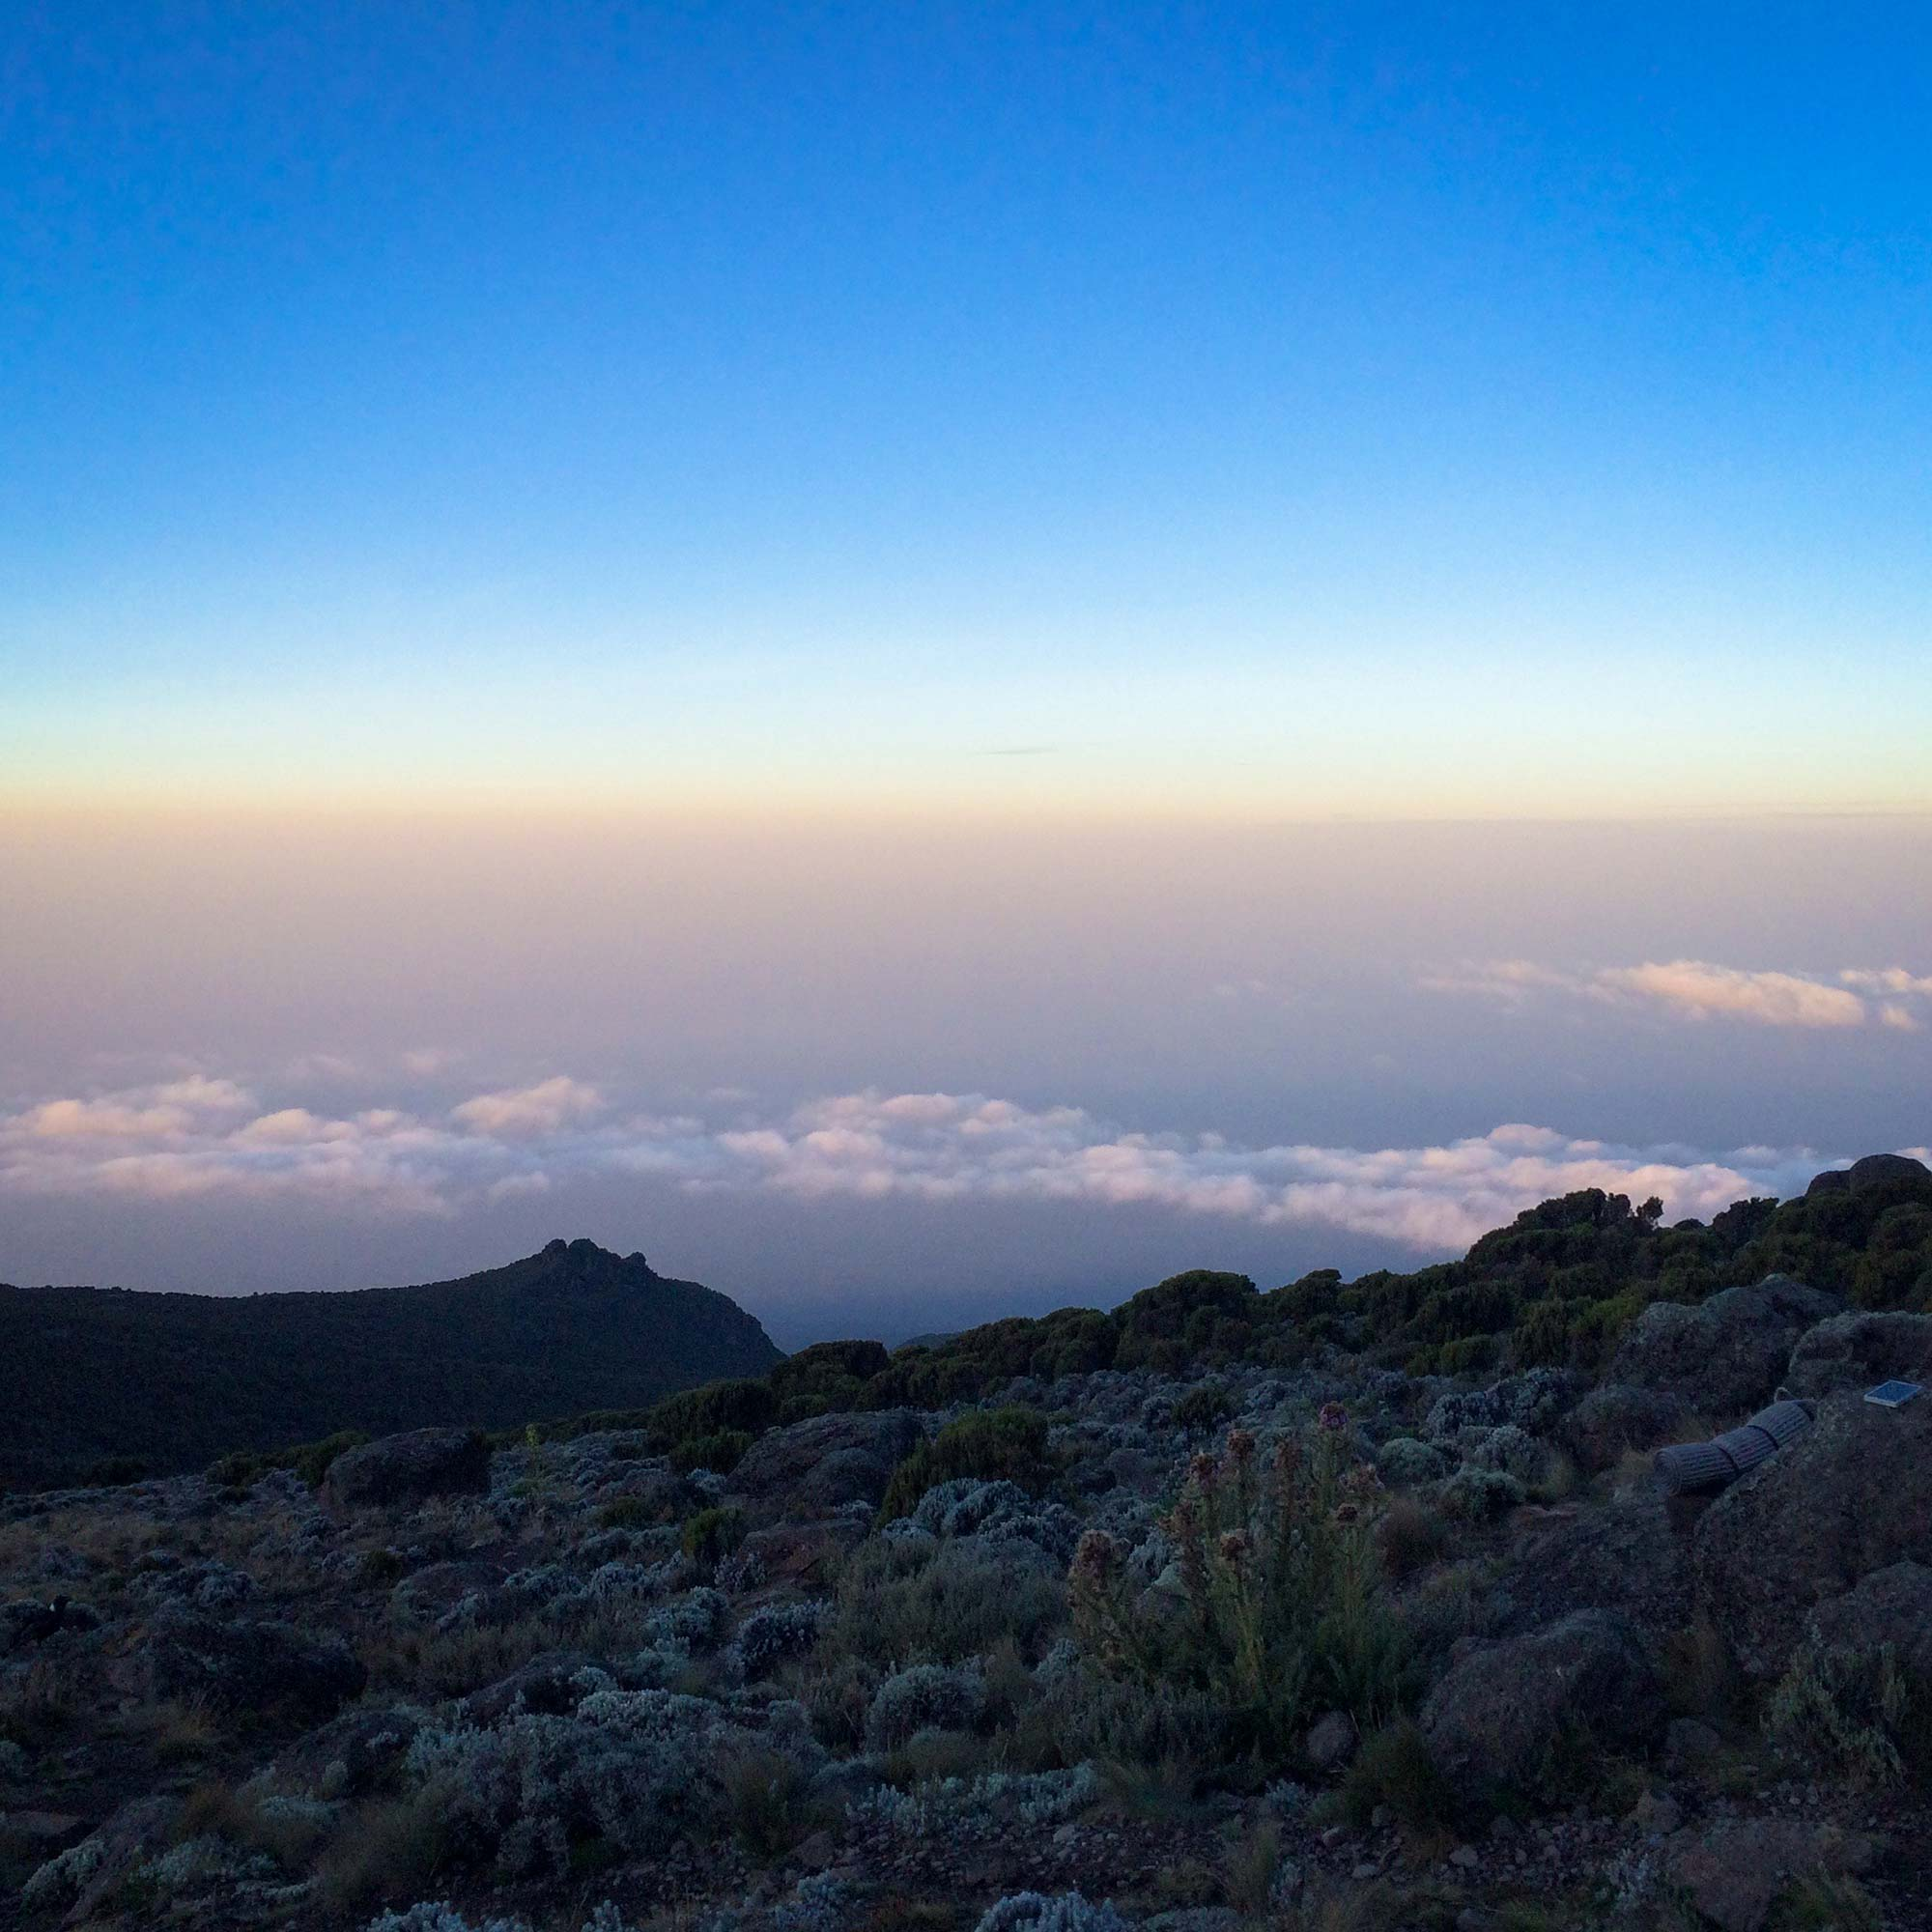 D6-15-shades-of-color-karanga-camp-kilimanjaro.jpg